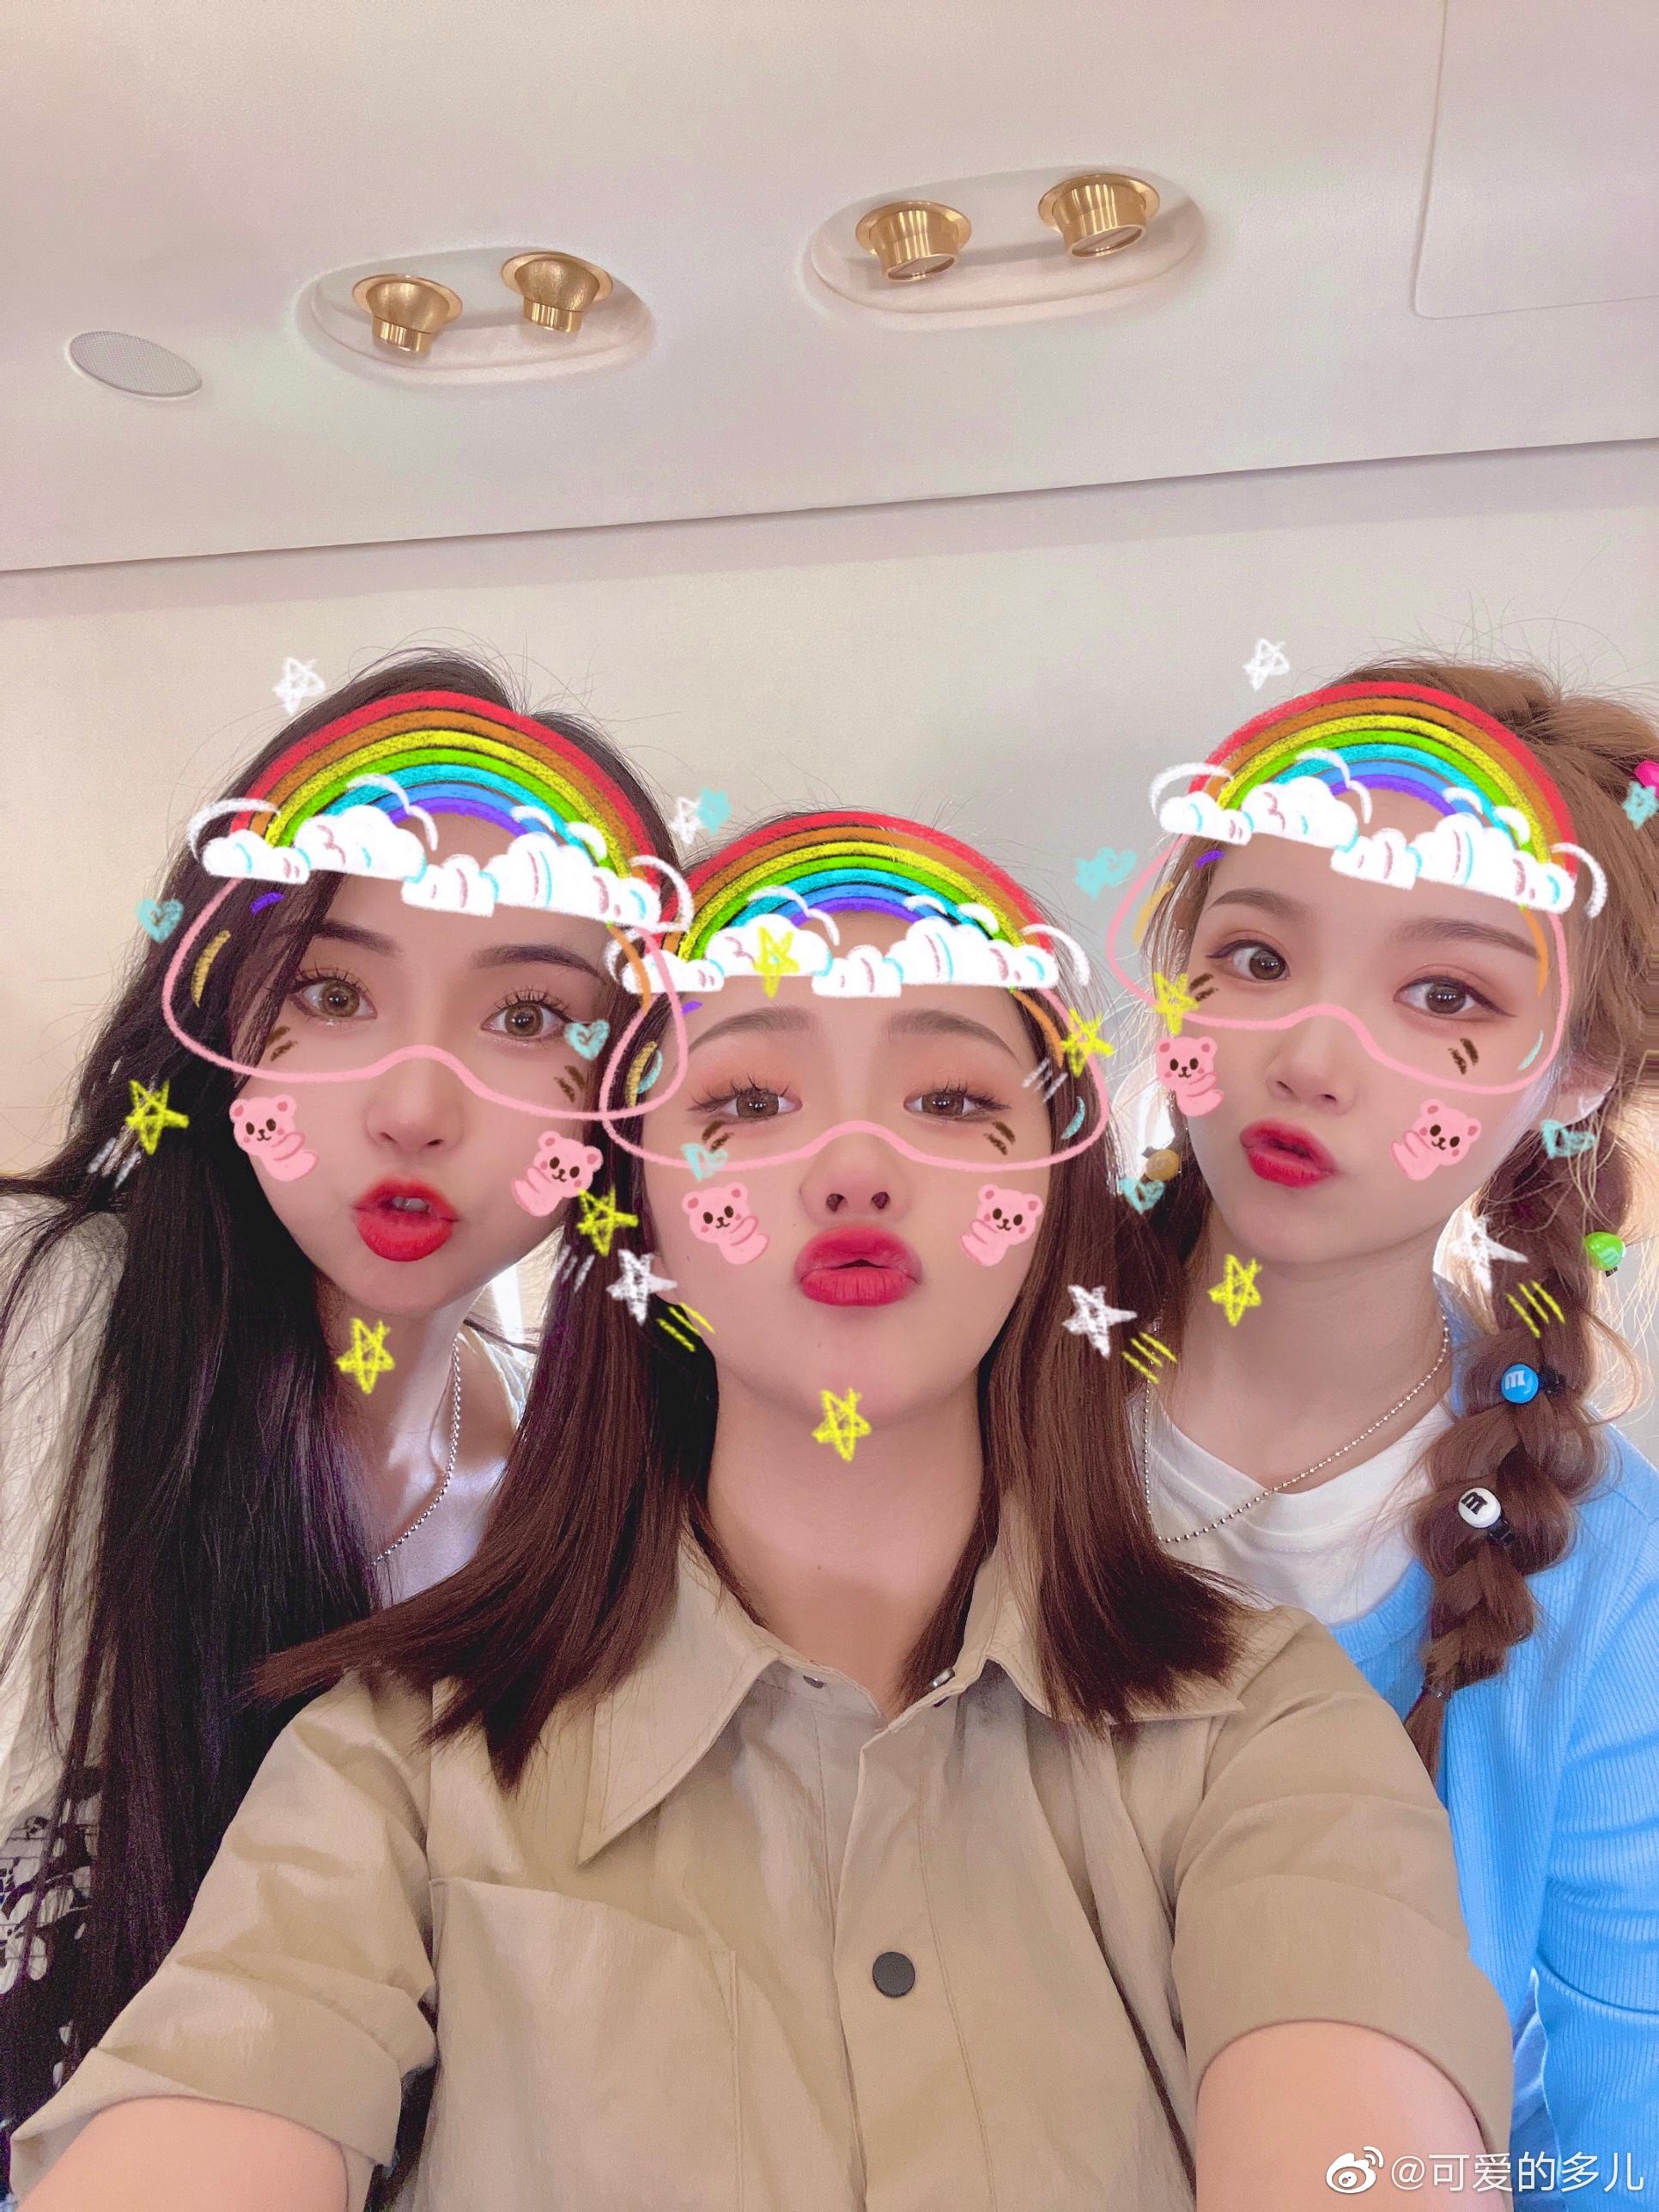 公主日记三个可爱的小姑娘...美女